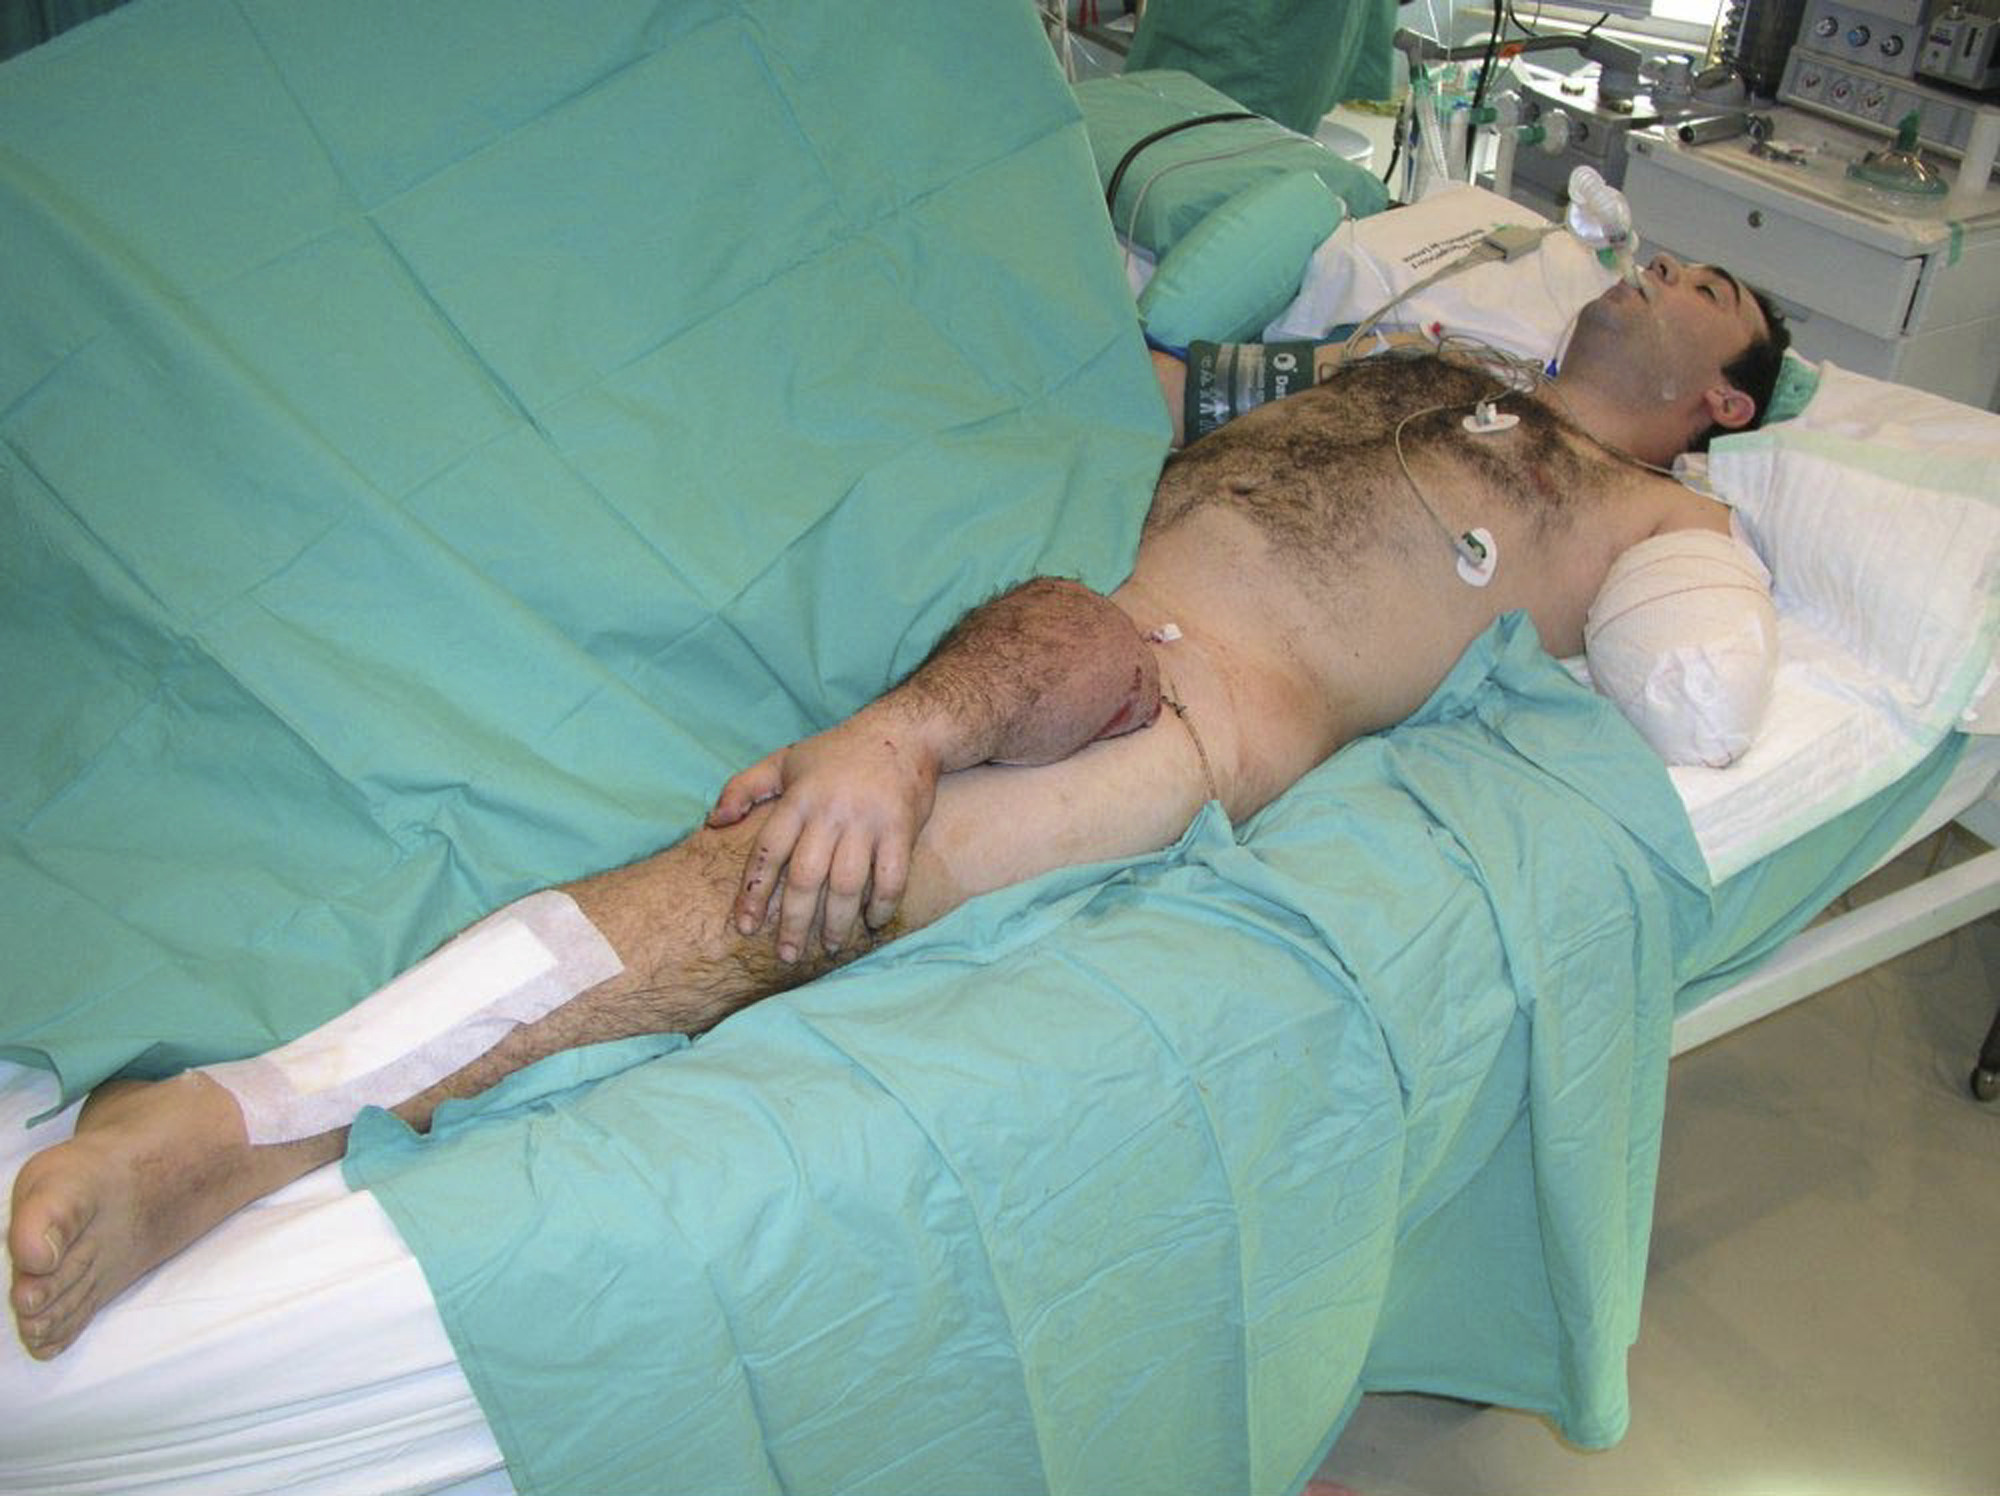 Marzo 2004. Mantiene vivo un brazo amputado al conectarlo con las venas y arterias de la pierna del propio amputado durante nueve días y reimplantarlo posteriormente.Israel  Sarrio perdió su brazo izquierdo en un accidente de tráfico.